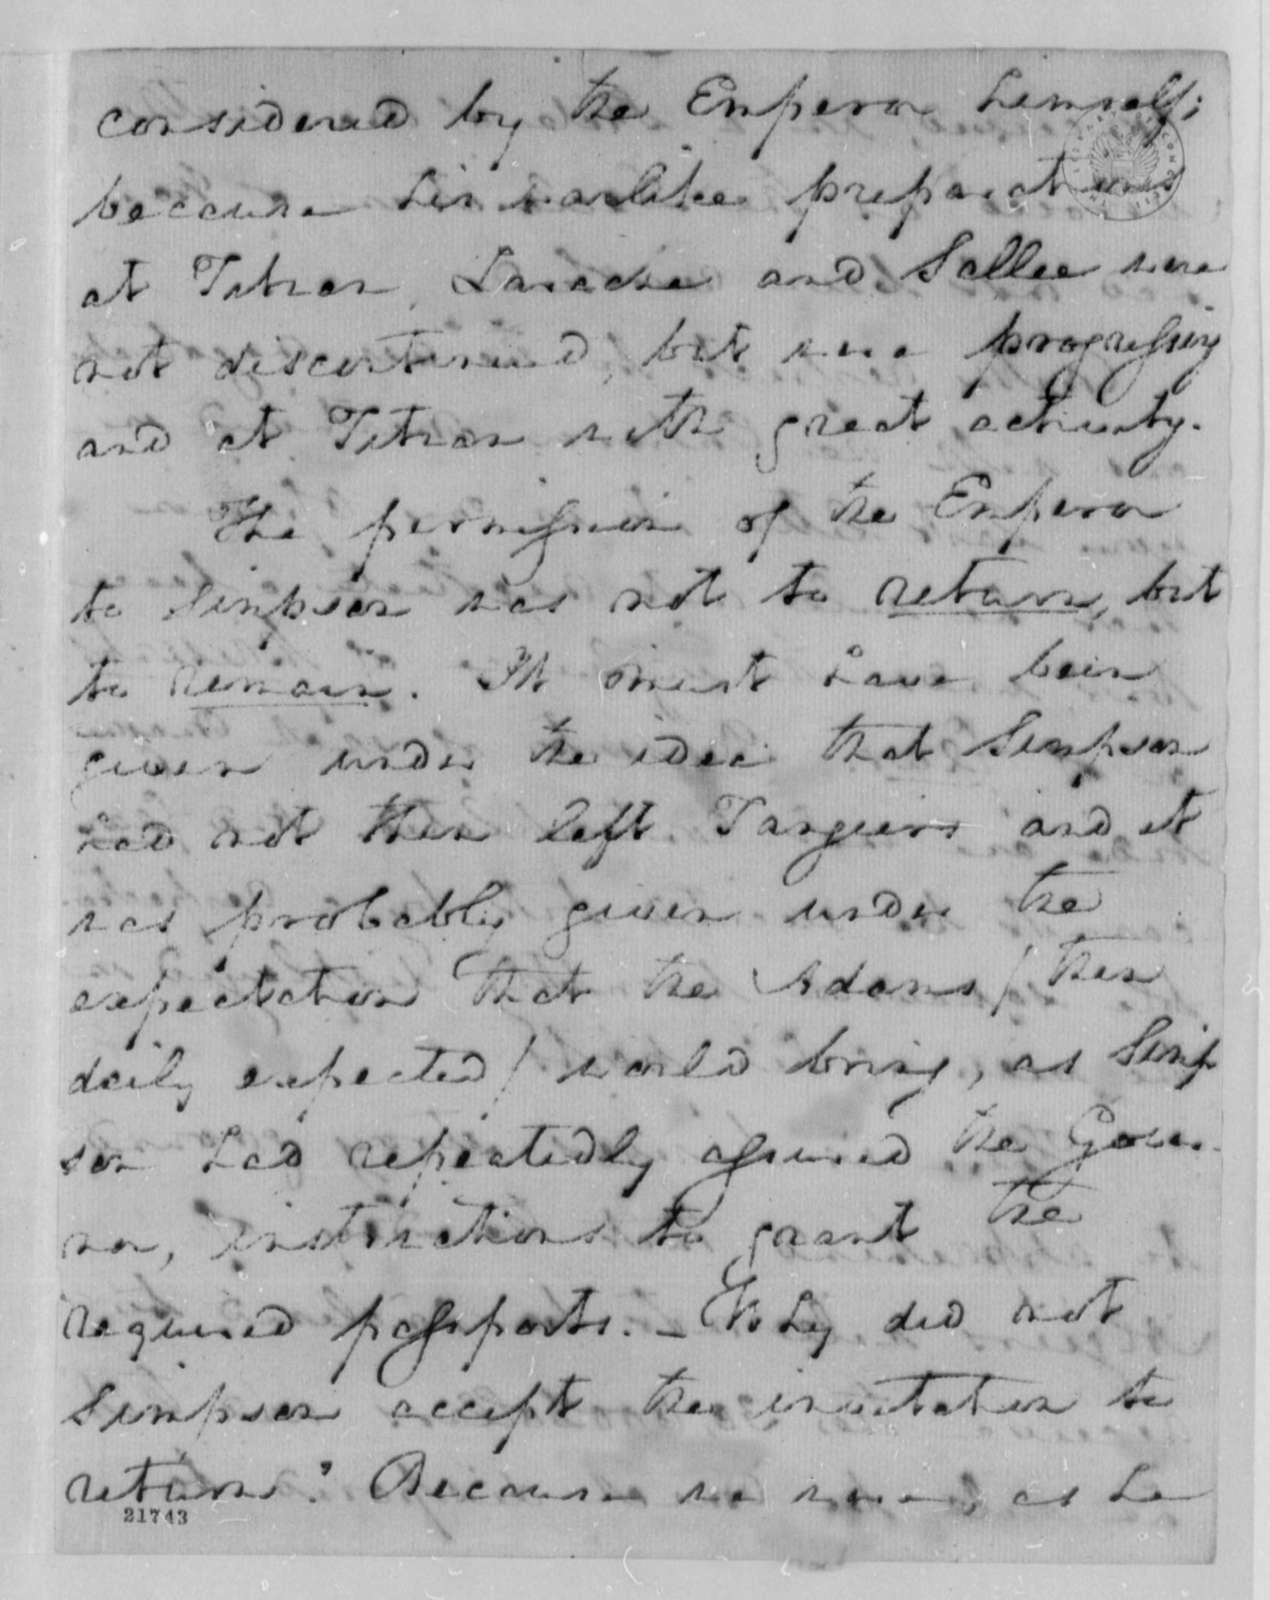 Robert Smith to Thomas Jefferson, September 14, 1802